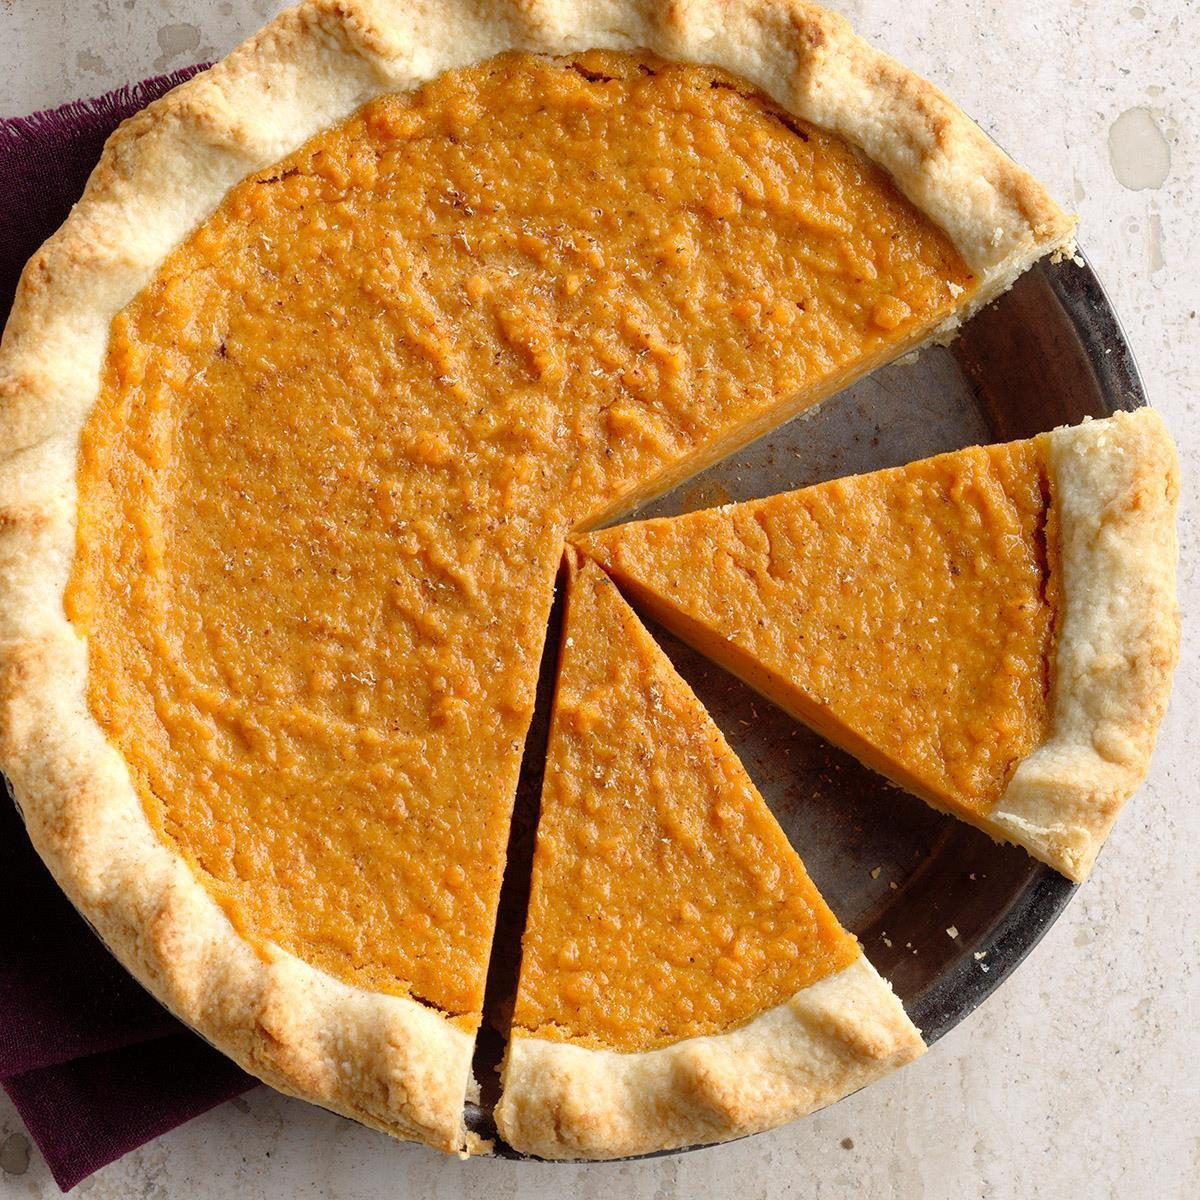 Sweet Potato Pie Exps Ghbz18 1203 B08 15 3b 6